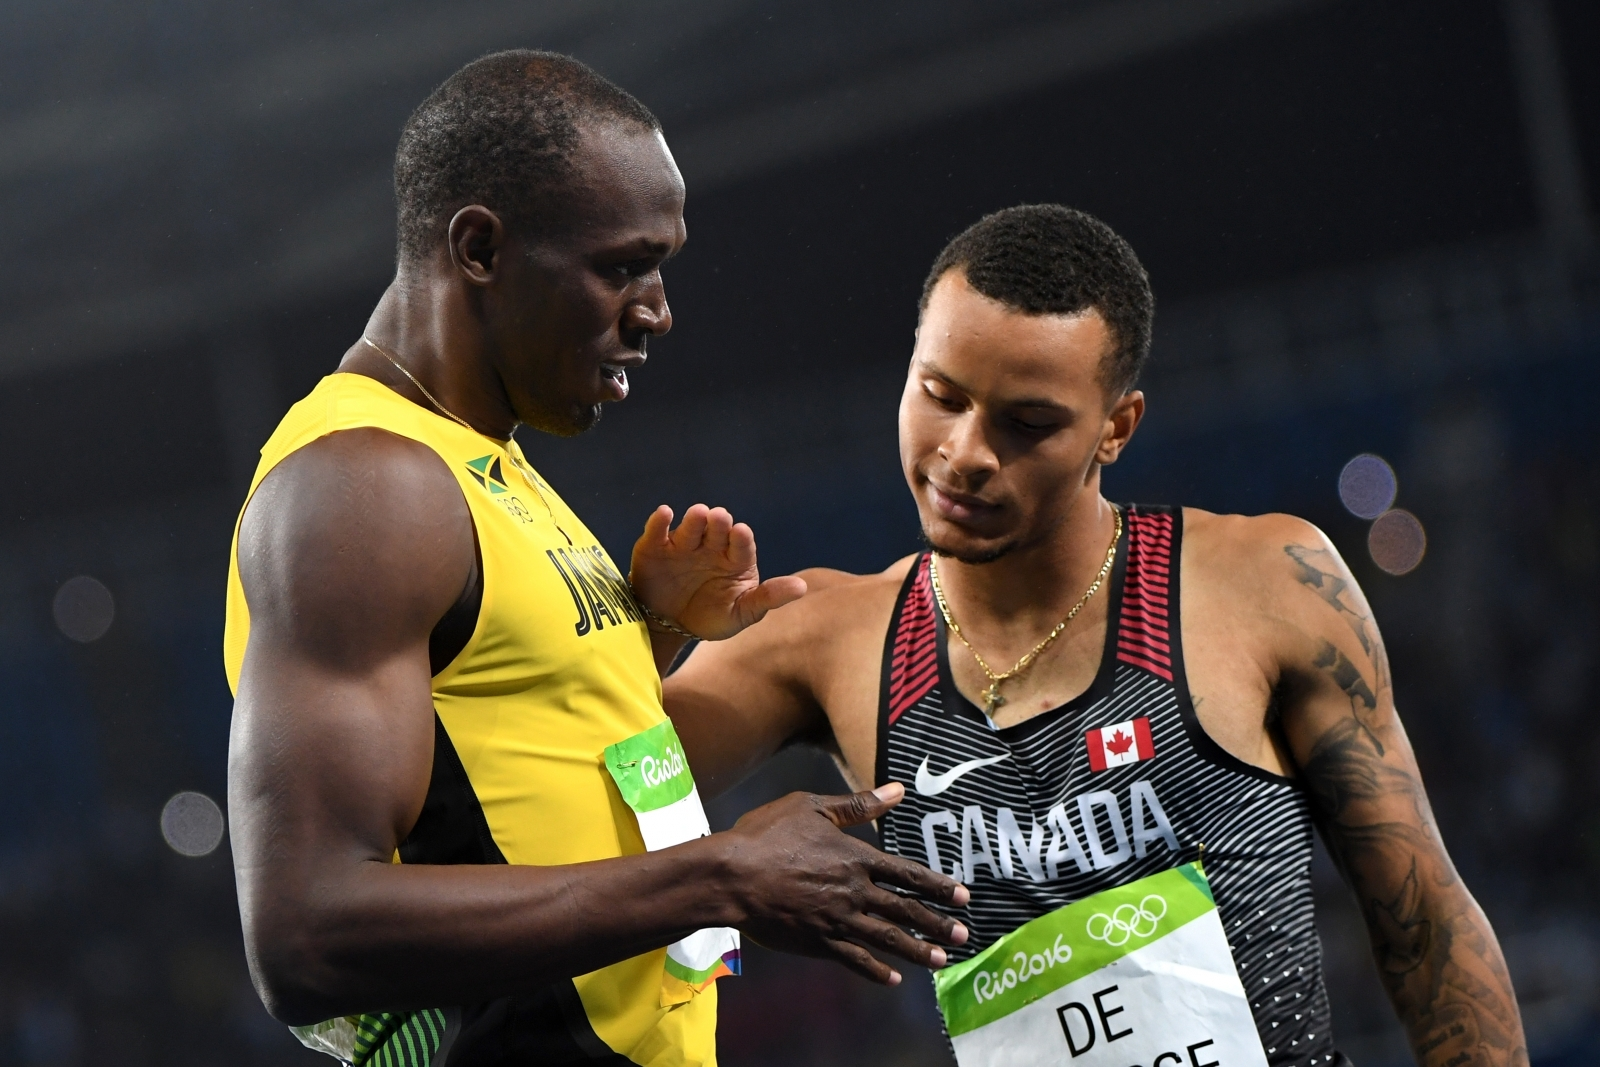 Usain Bolt and Andre de Grasse